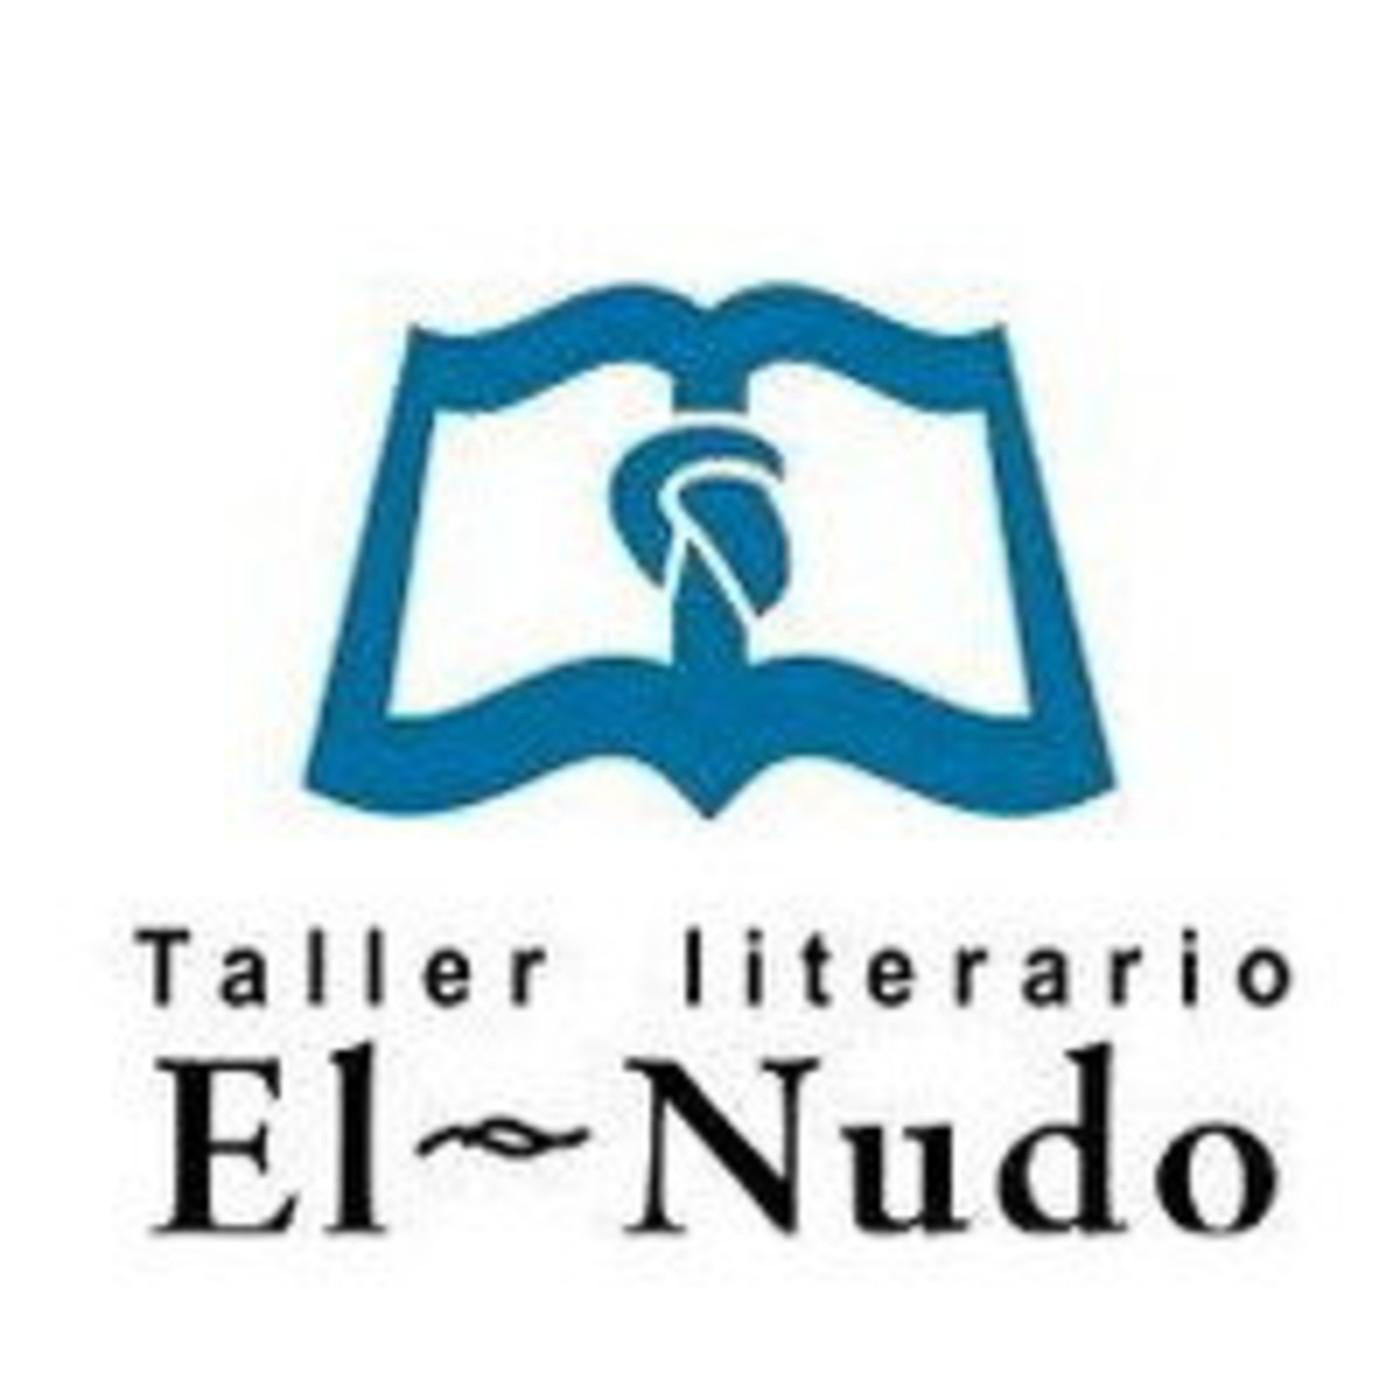 <![CDATA[Taller Literario El Nudo]]>